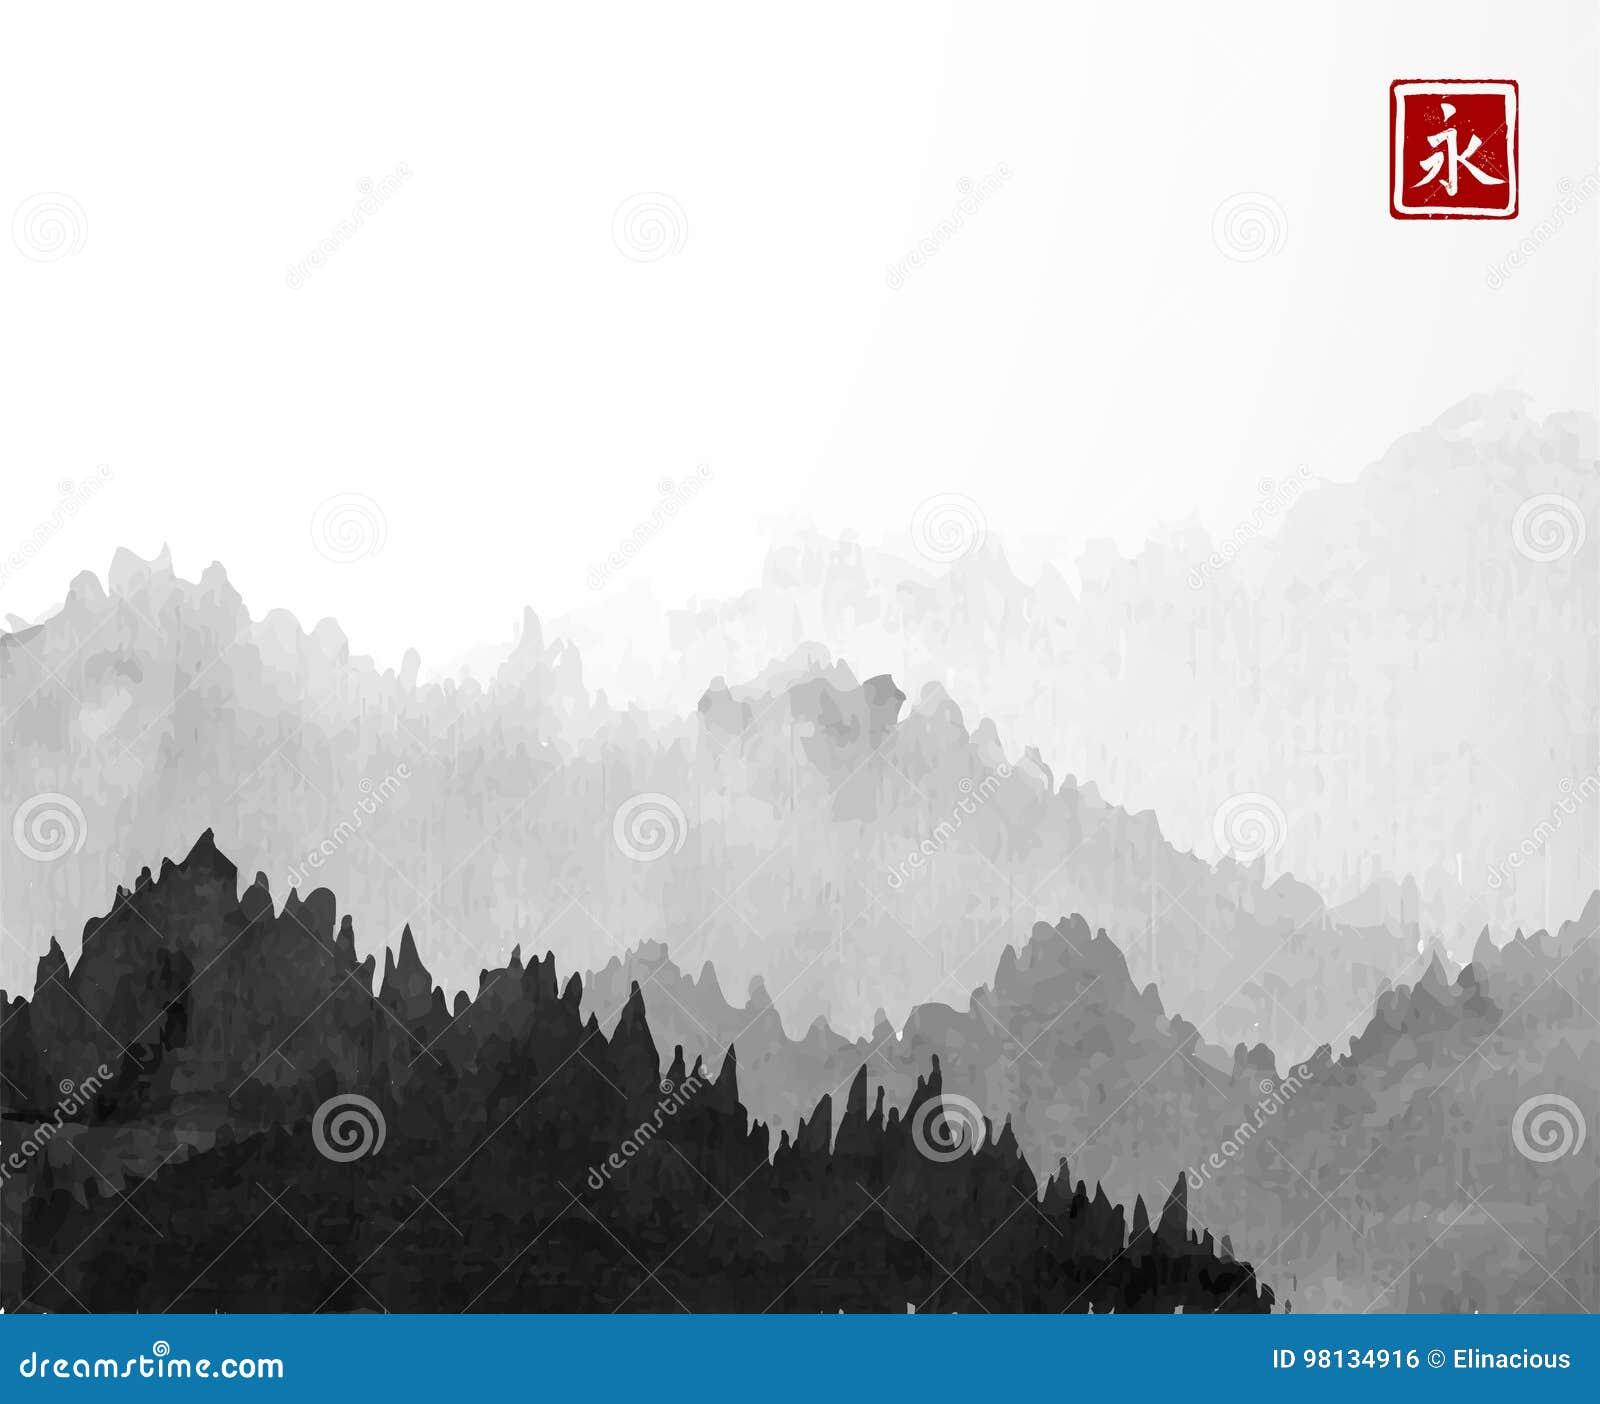 Zwarte Bergen met bosbomen in mist op witte achtergrond Hiëroglief - eeuwigheid Het traditionele oosterse inkt schilderen